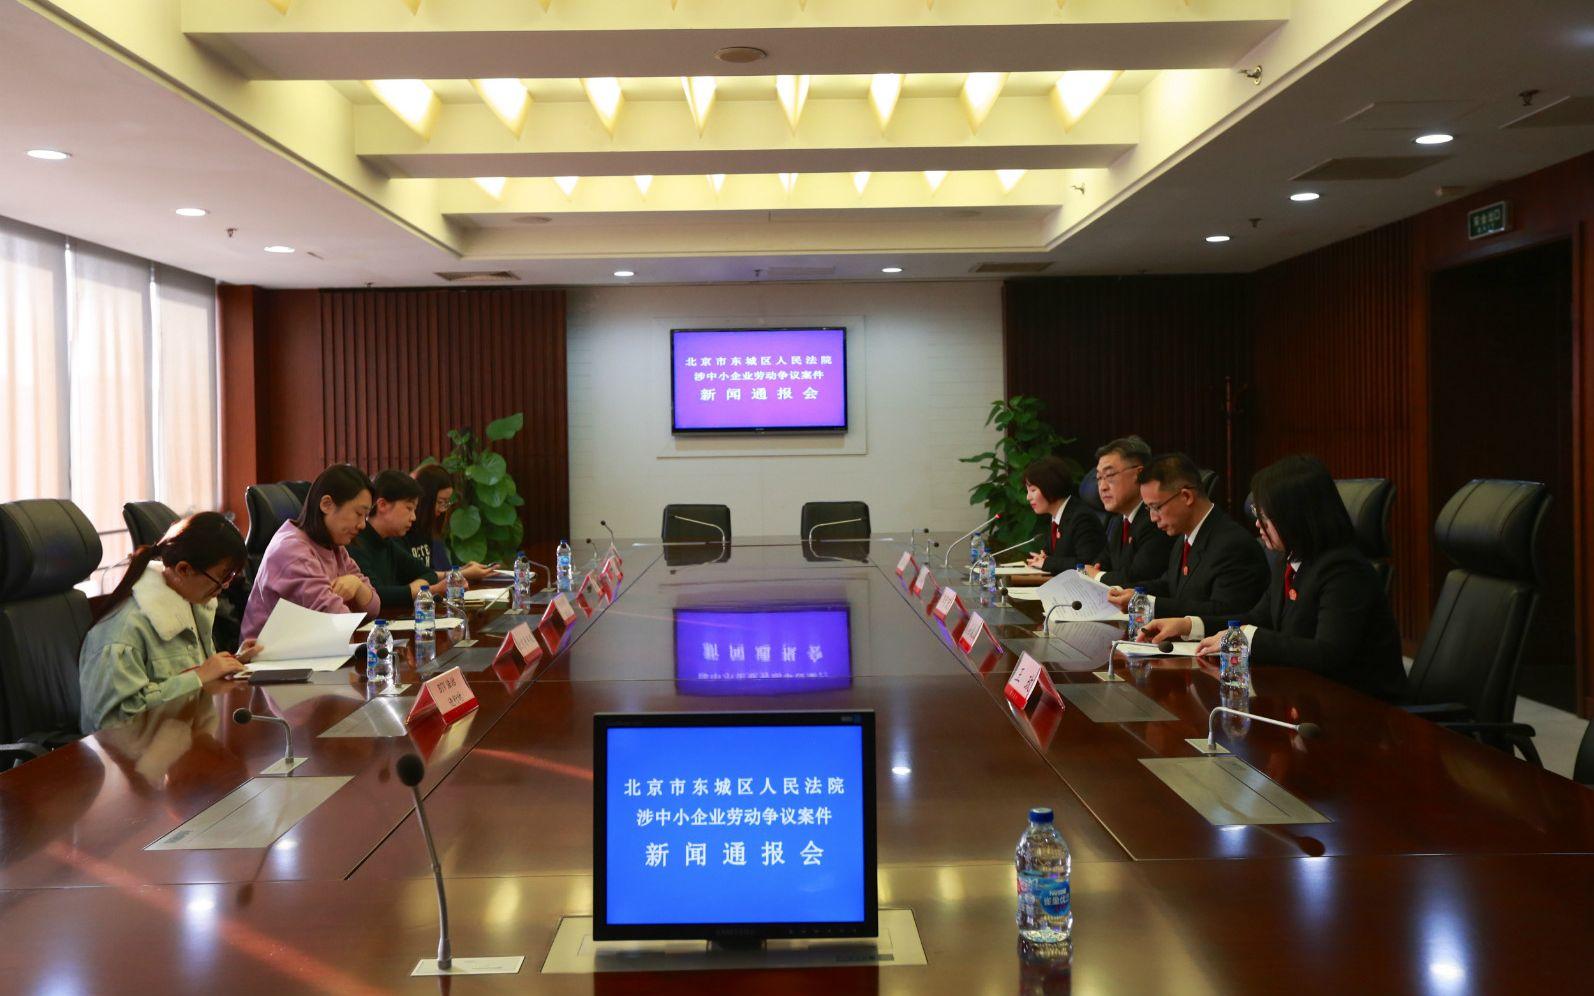 澳门银河标志|外汇局:8月中国外汇市场总计成交18.14万亿元人民币